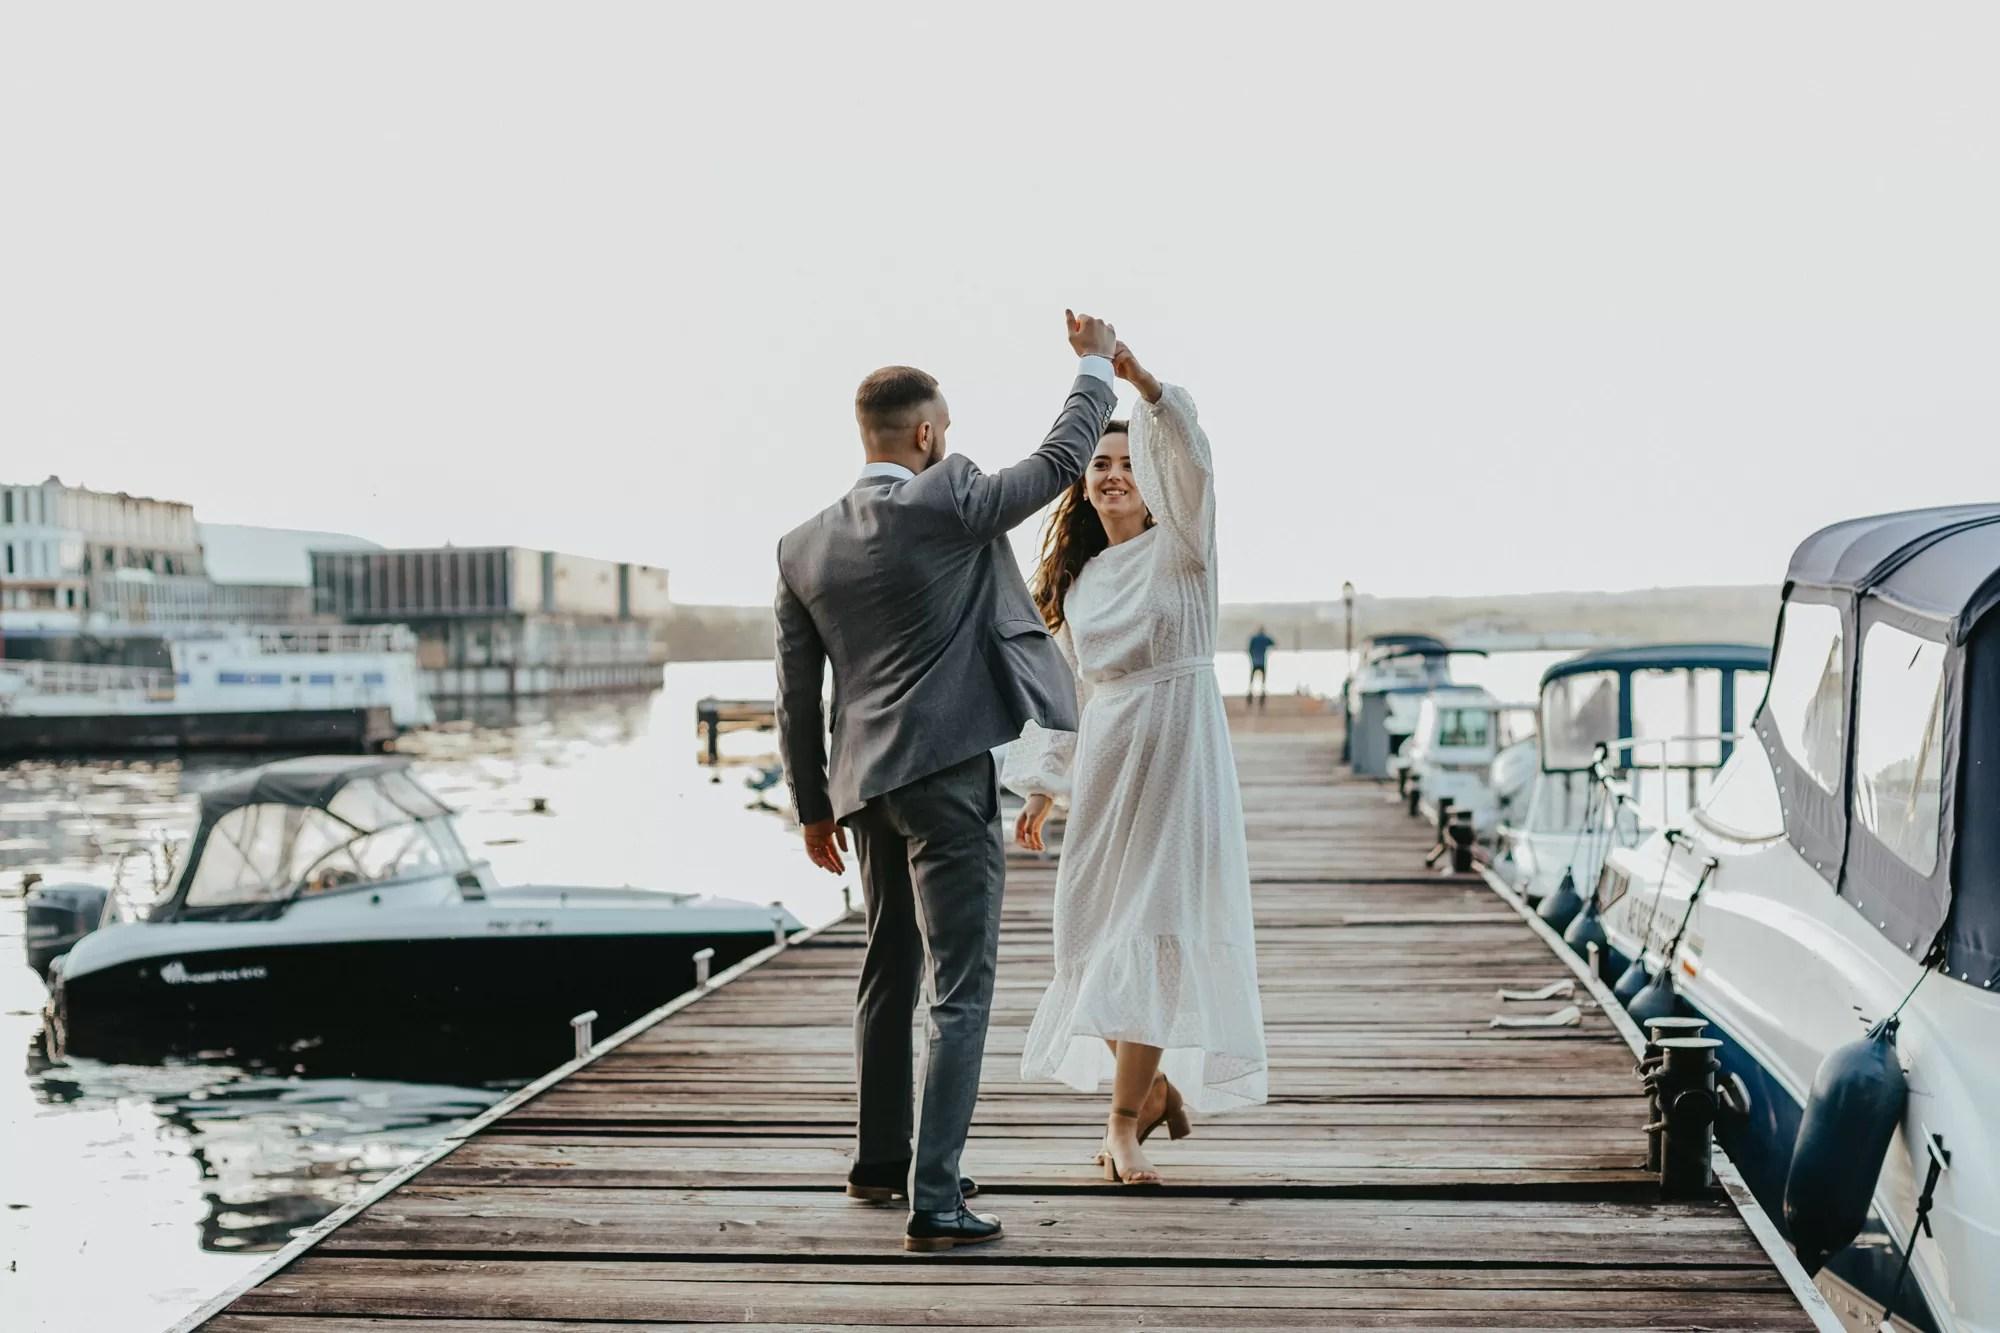 Зимняя свадьба  идеи оформления 2020